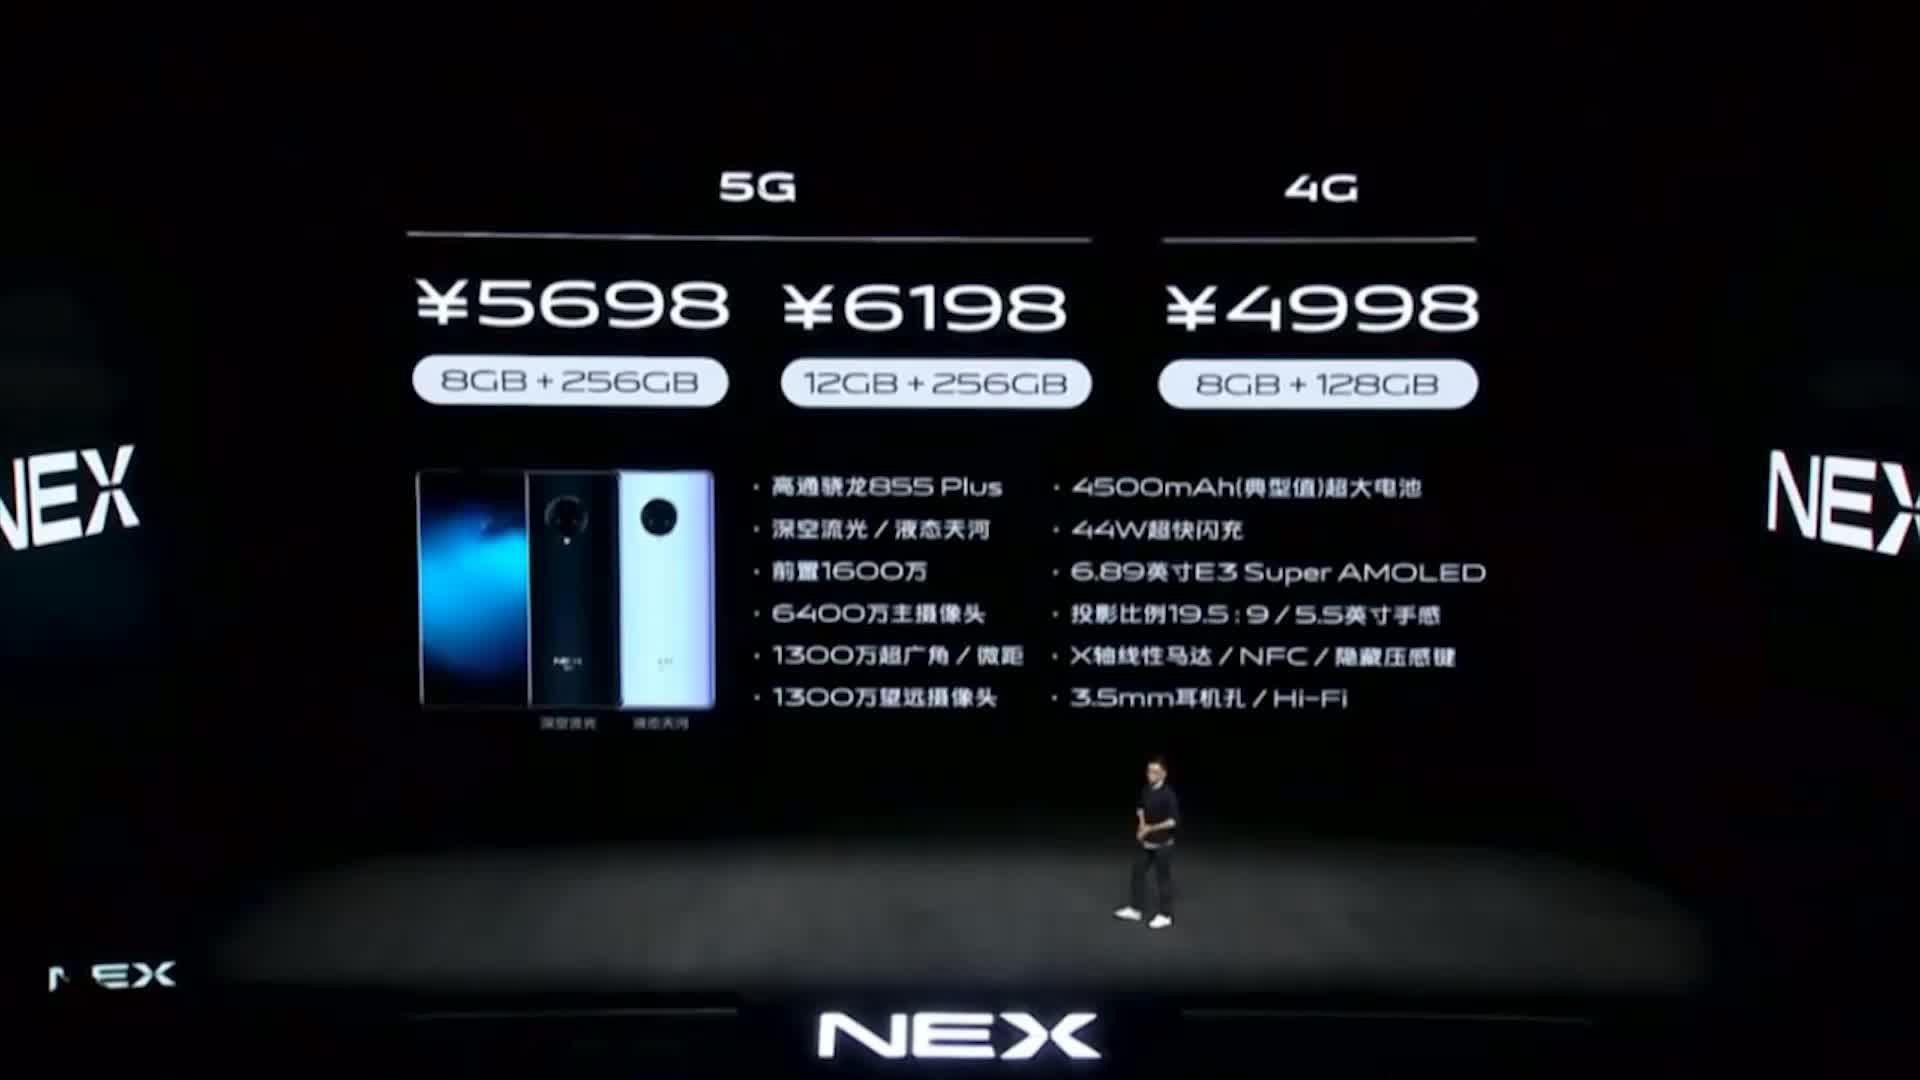 vivo发布首款5G旗舰机,起售价格达5698元!